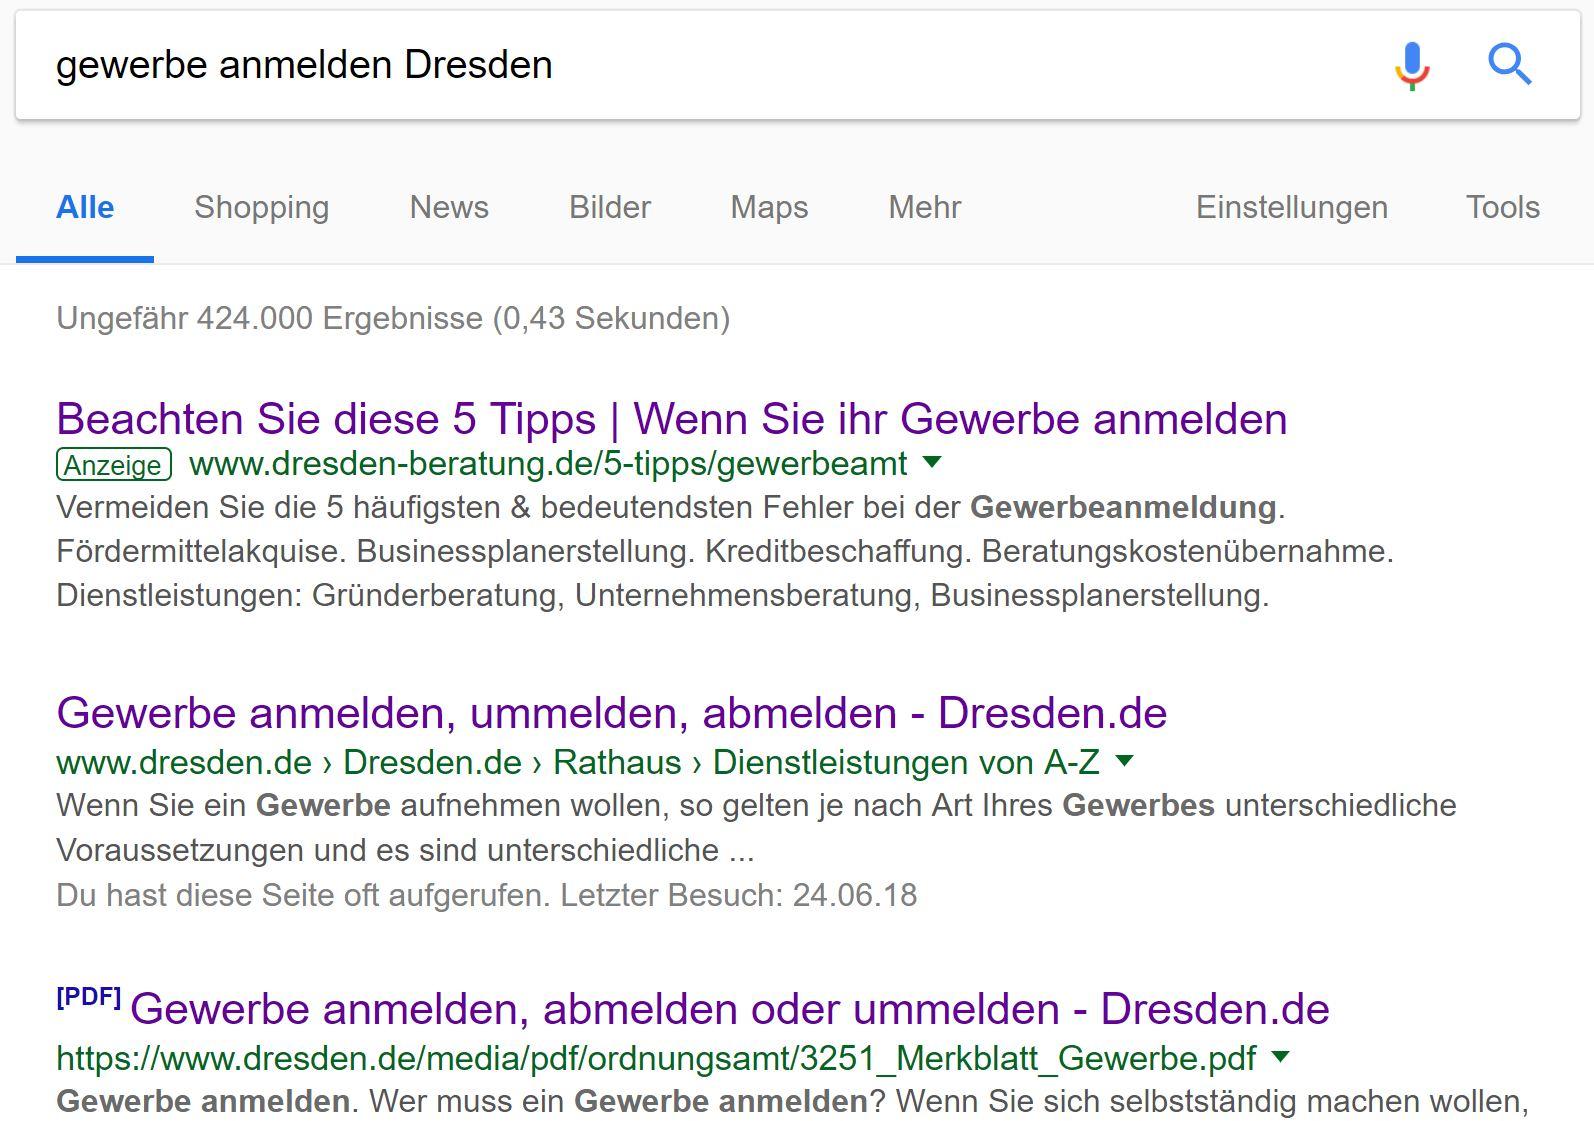 Kleingewerbe Anmelden Dresden